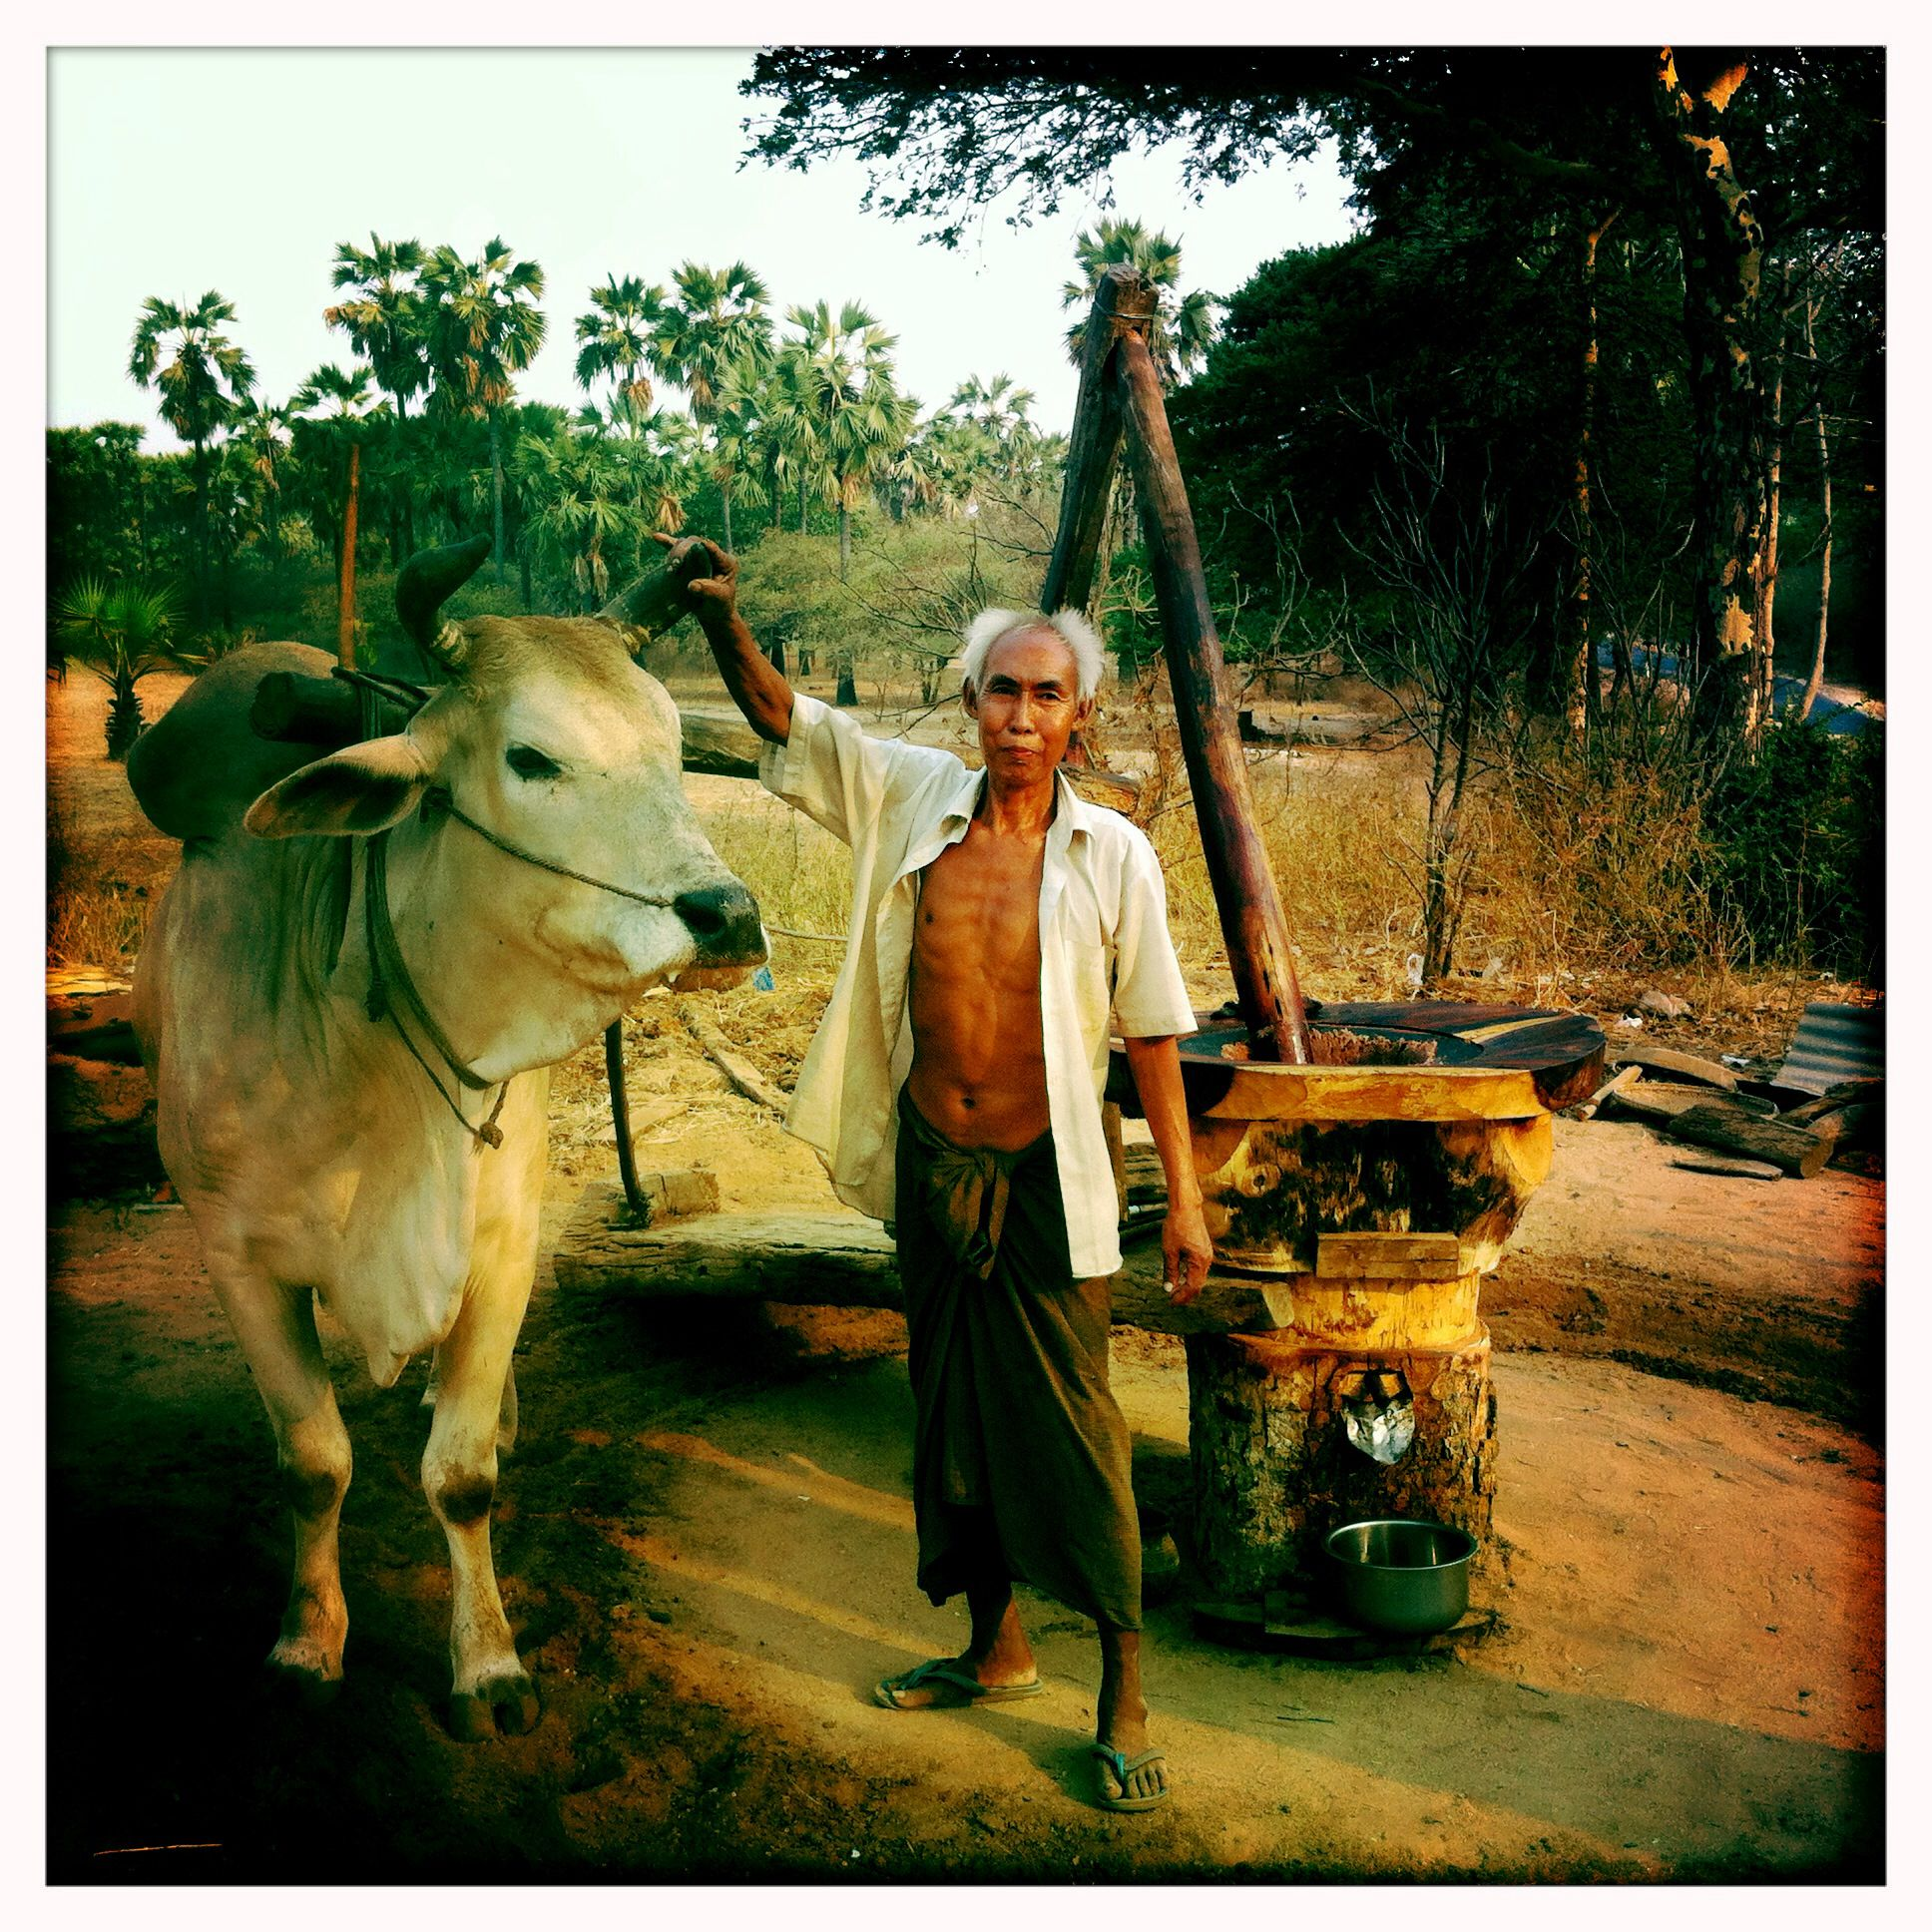 Bauer in #Burma #Myanmar www.reiseinspiration.ch -Ideen die beflügeln!